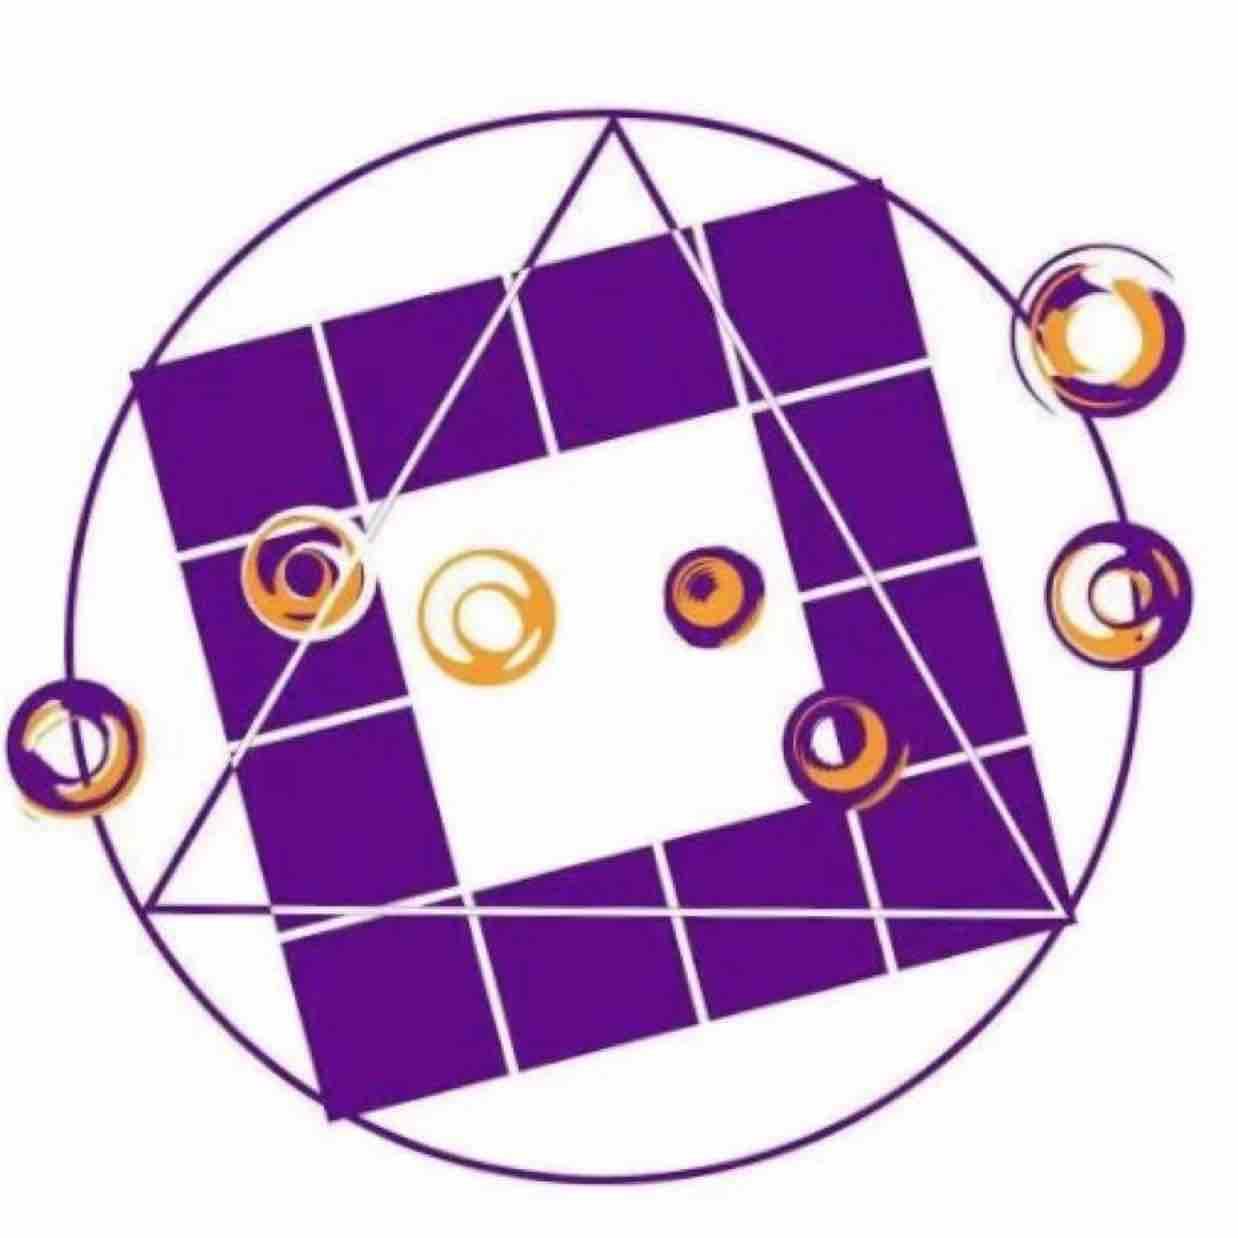 国际紫微学会